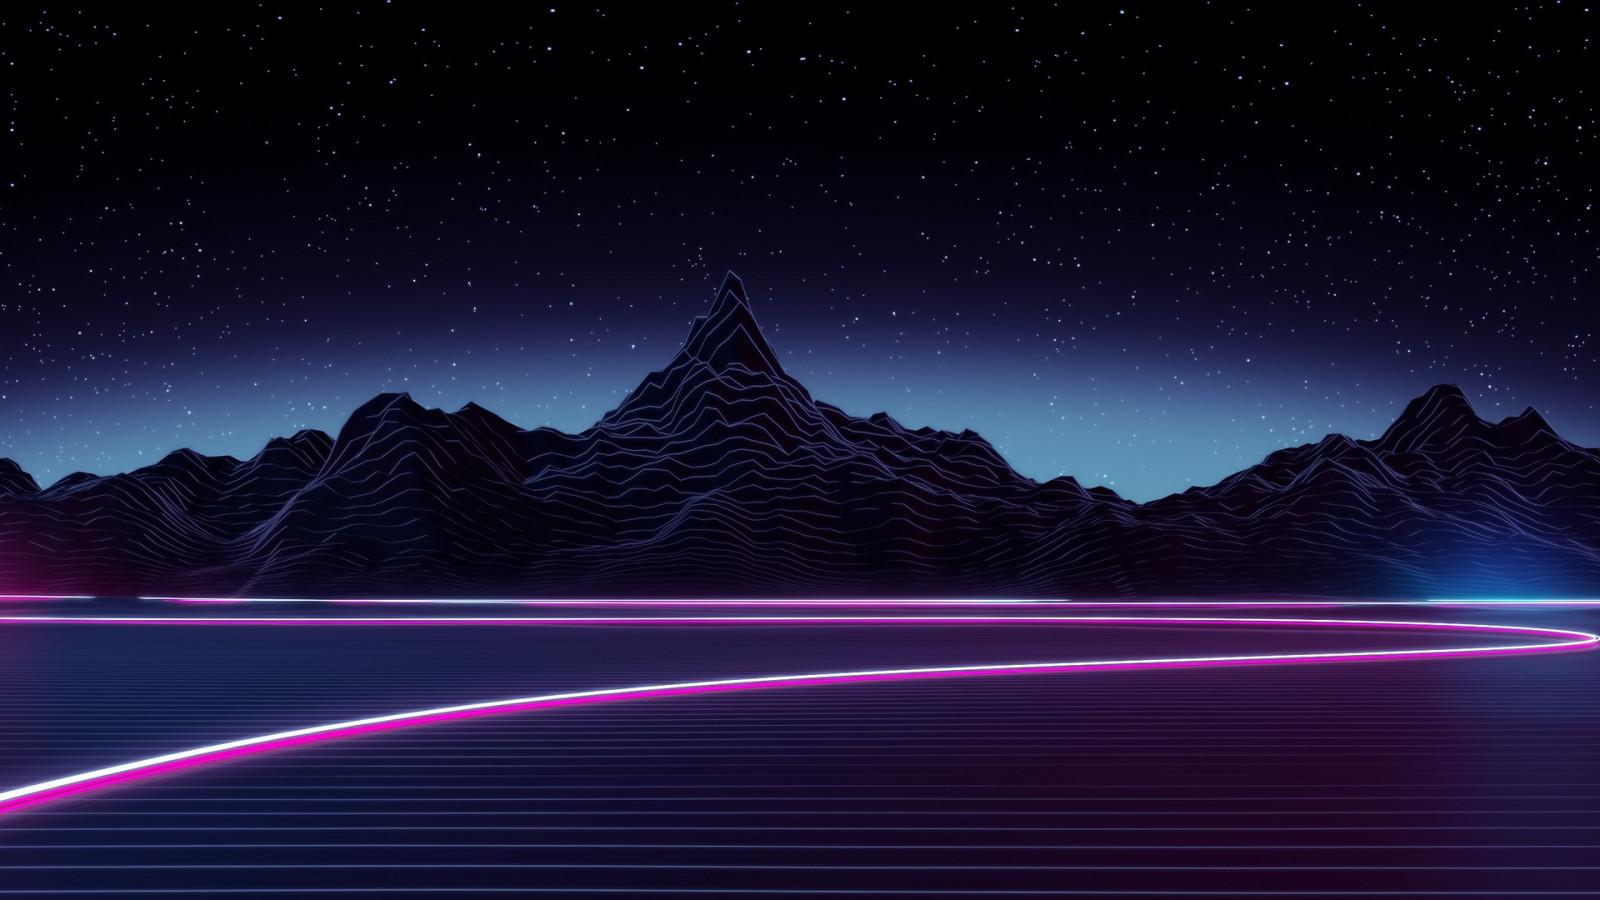 arte digital noite néon céu luar horizonte atmosfera crepúsculo aurora Meia-noite luz alvorecer Estrela Trevas Captura de tela Papel de parede do computador espaço sideral